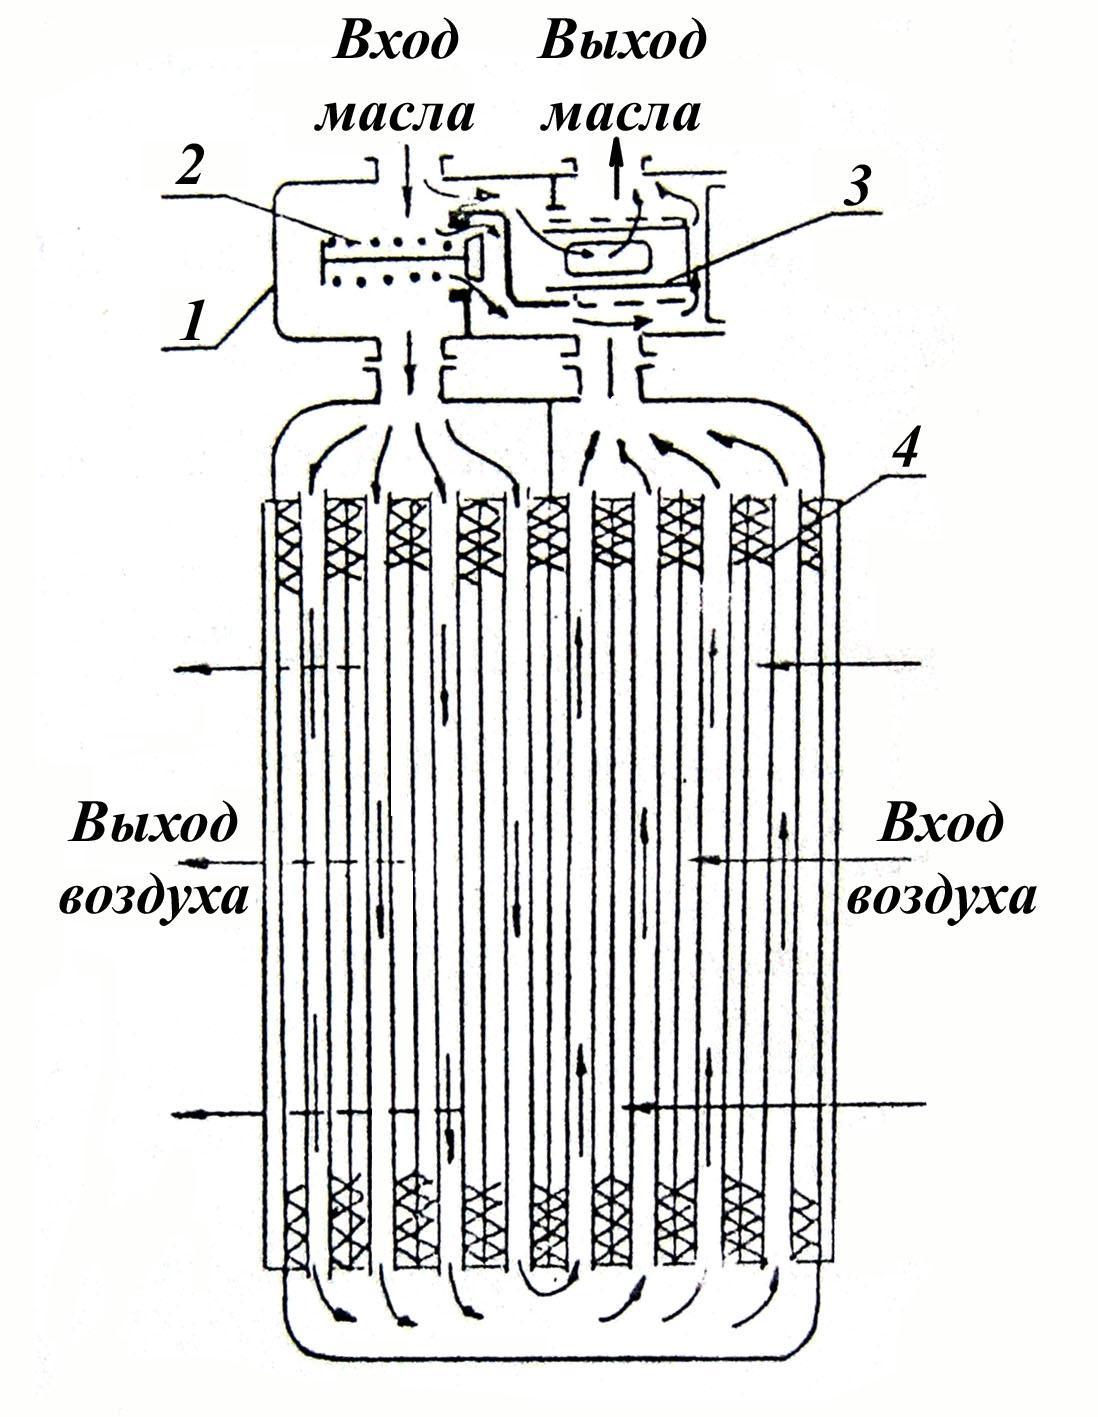 Теплообменник за счет средства для чистки теплообменника кондиционера